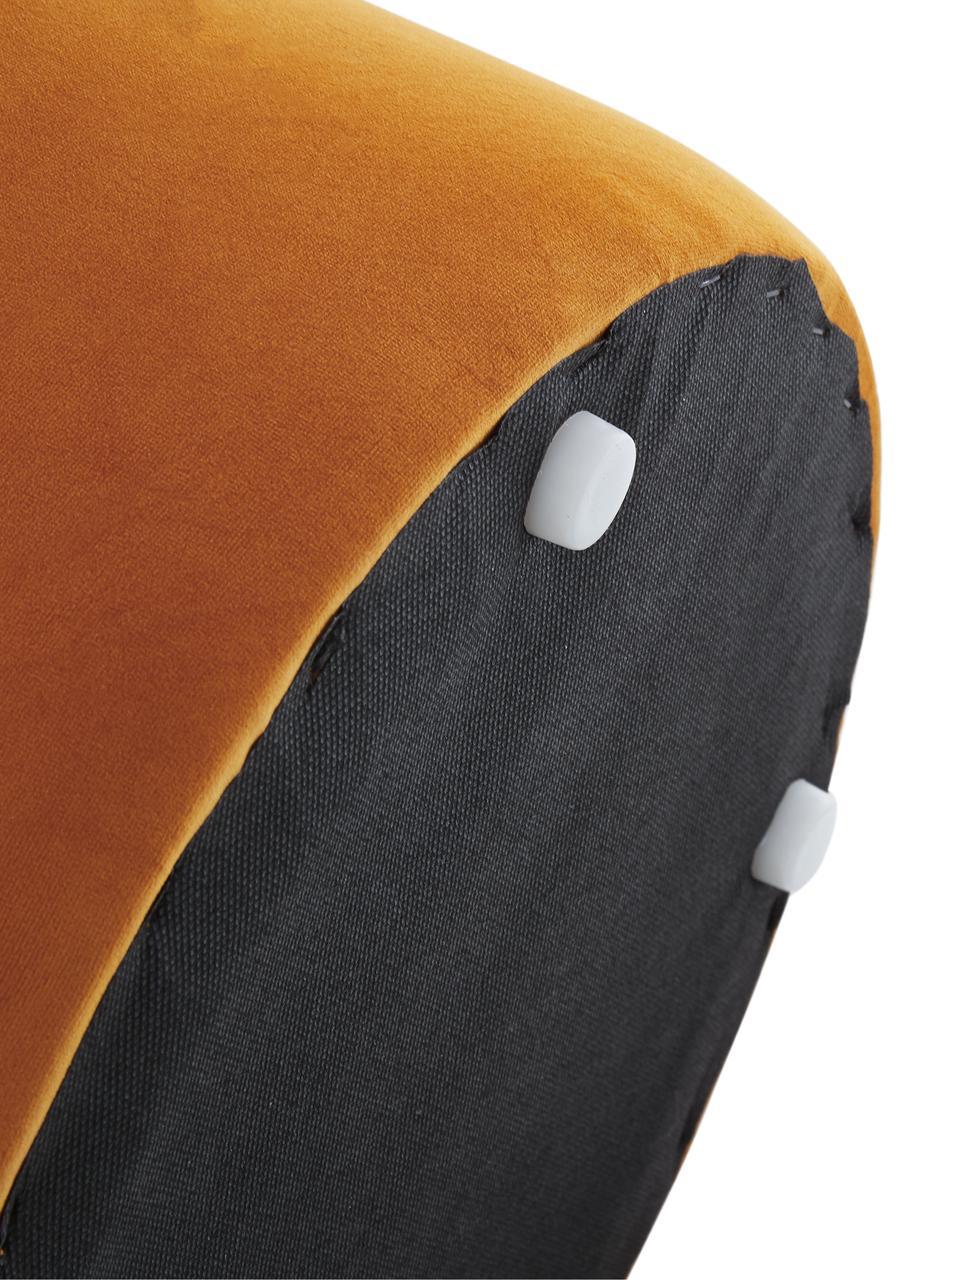 Puf de terciopelo Daisy, Tapizado: terciopelo (poliéster) 15, Estructura: tablero de fibras de dens, Terciopelo terracota, Ø 38 x Al 45 cm